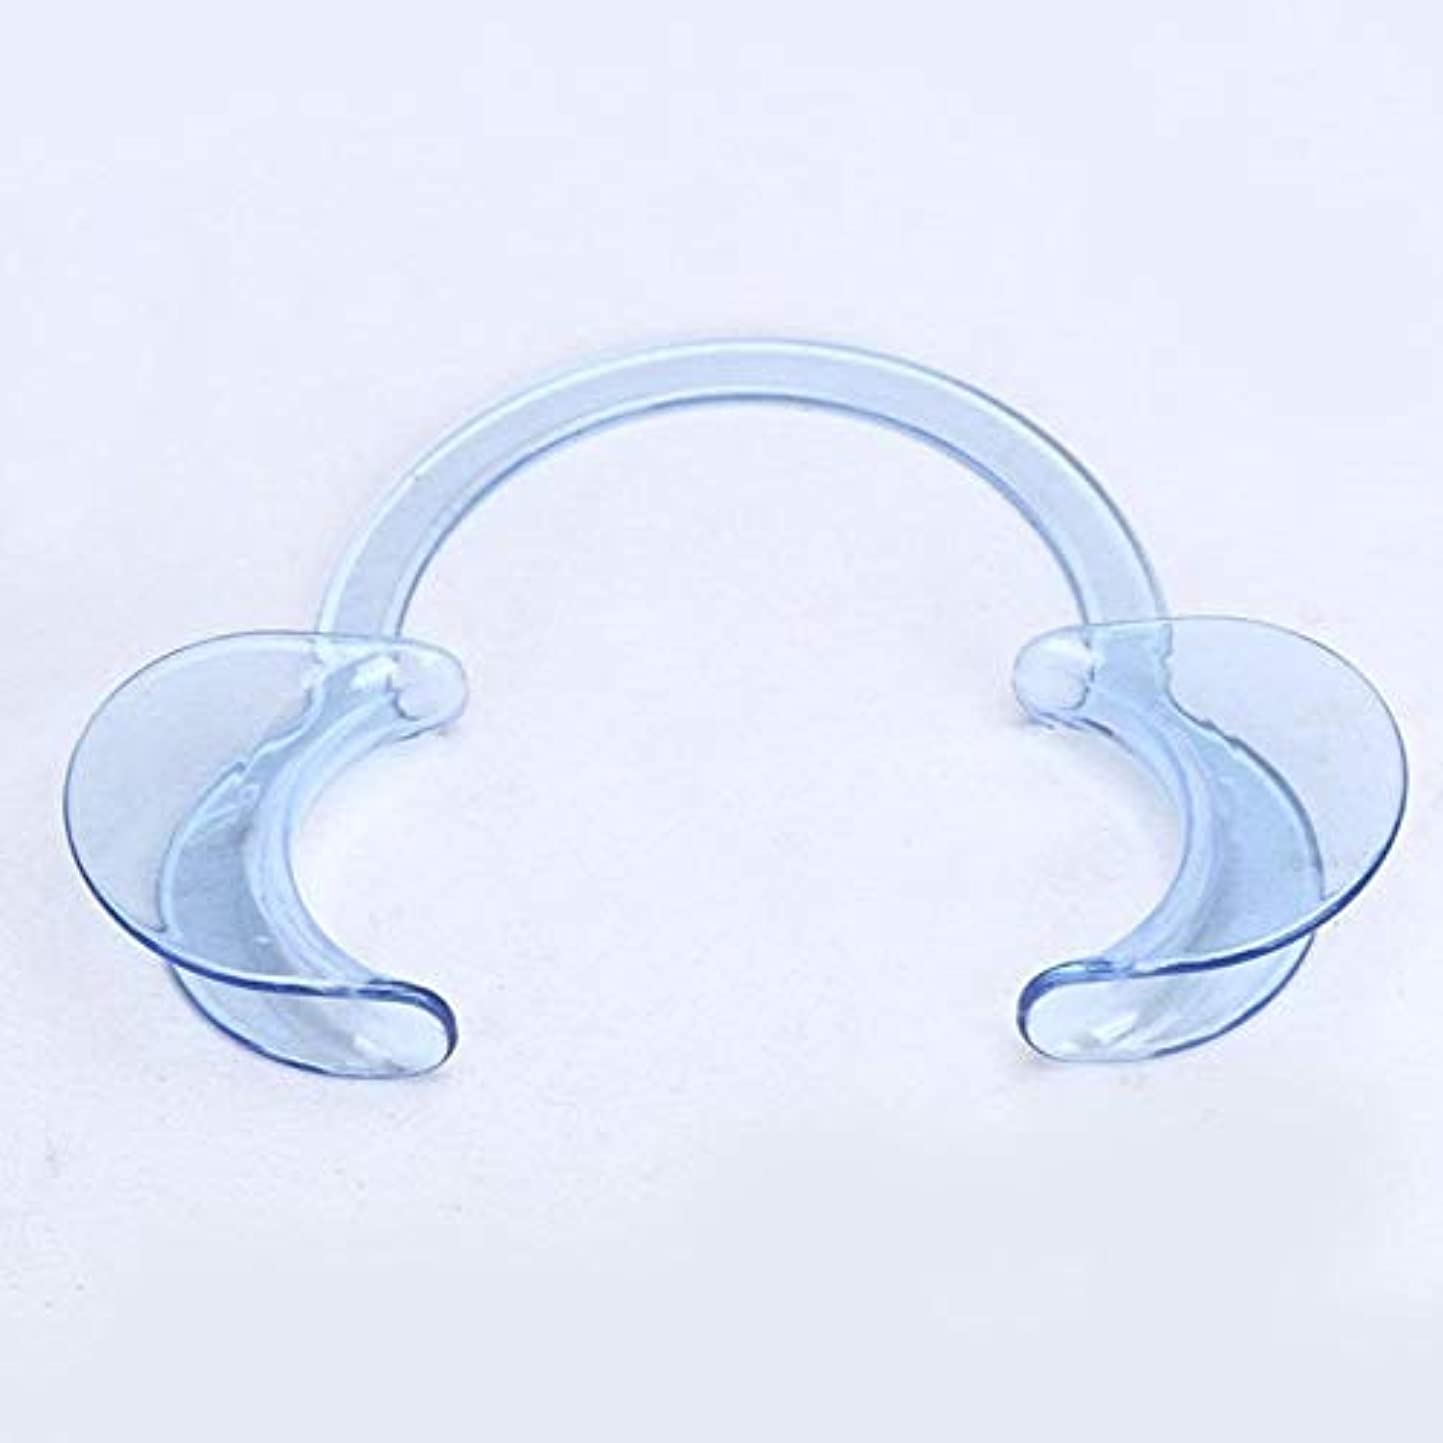 灰電池継承DC パック 歯科 C型 開口器 口オープナー マウスオープナー 開口マウスオープナー C型ホワイトニング口の開創器